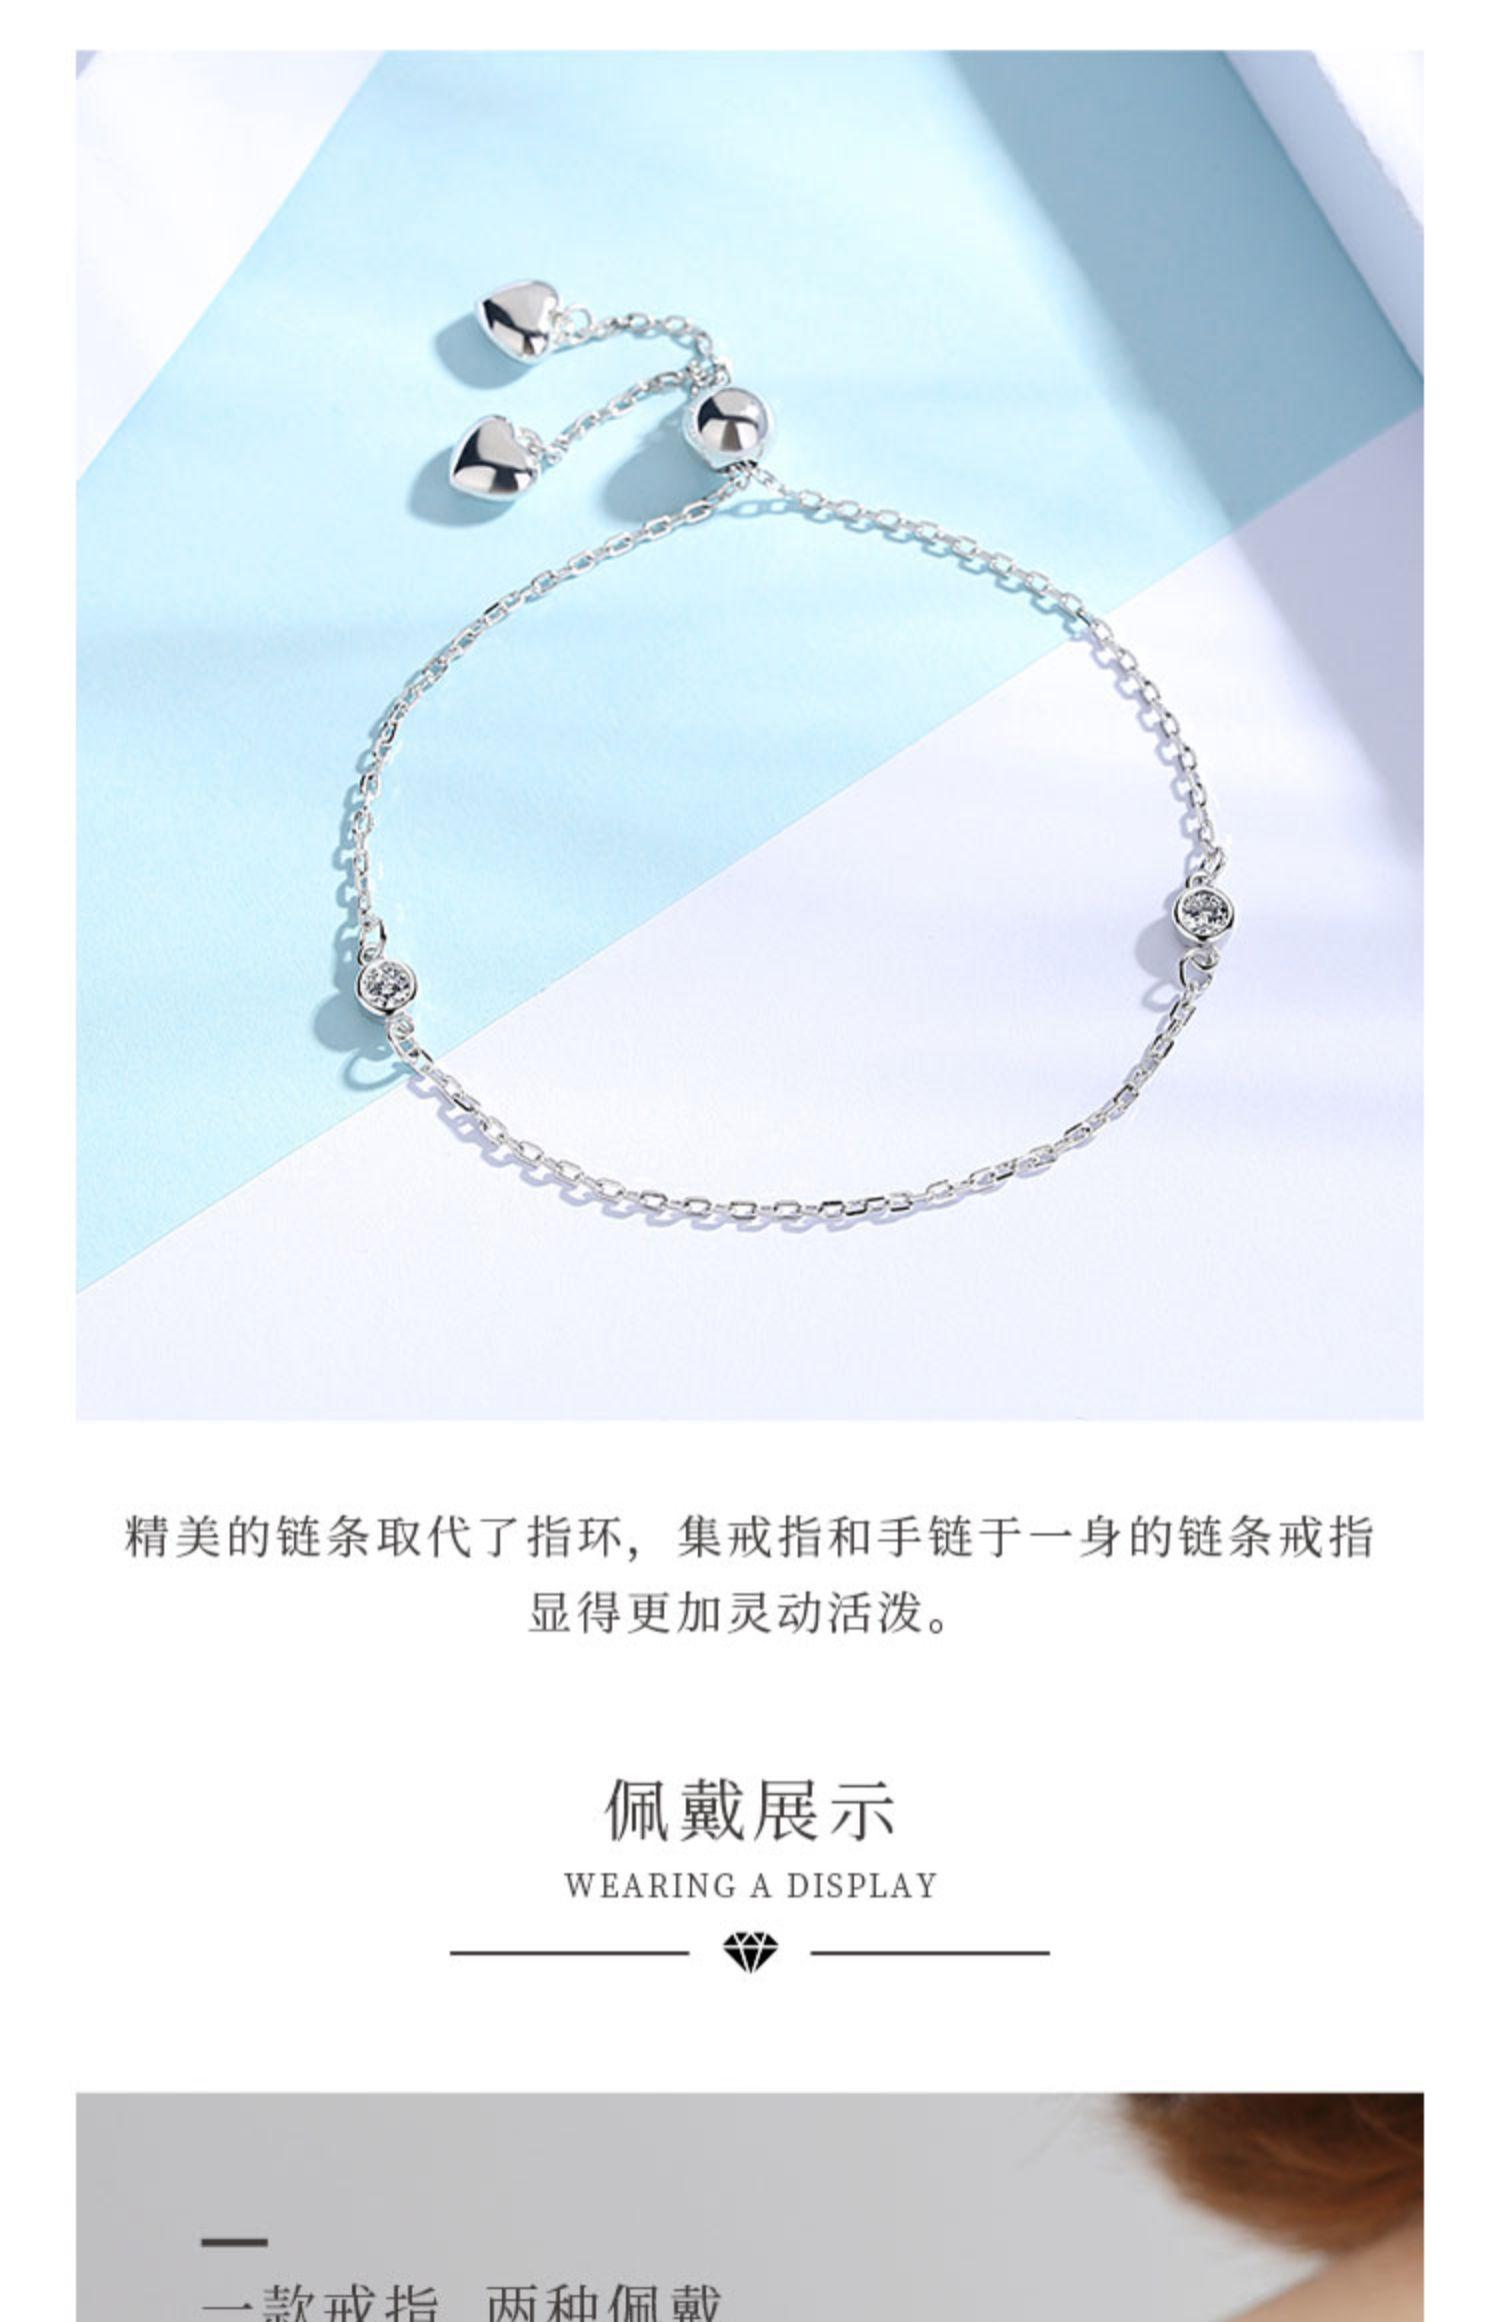 伍玥 S925银小众设计戒指手链两用折叠手环一体软链收缩手镯链条商品详情图